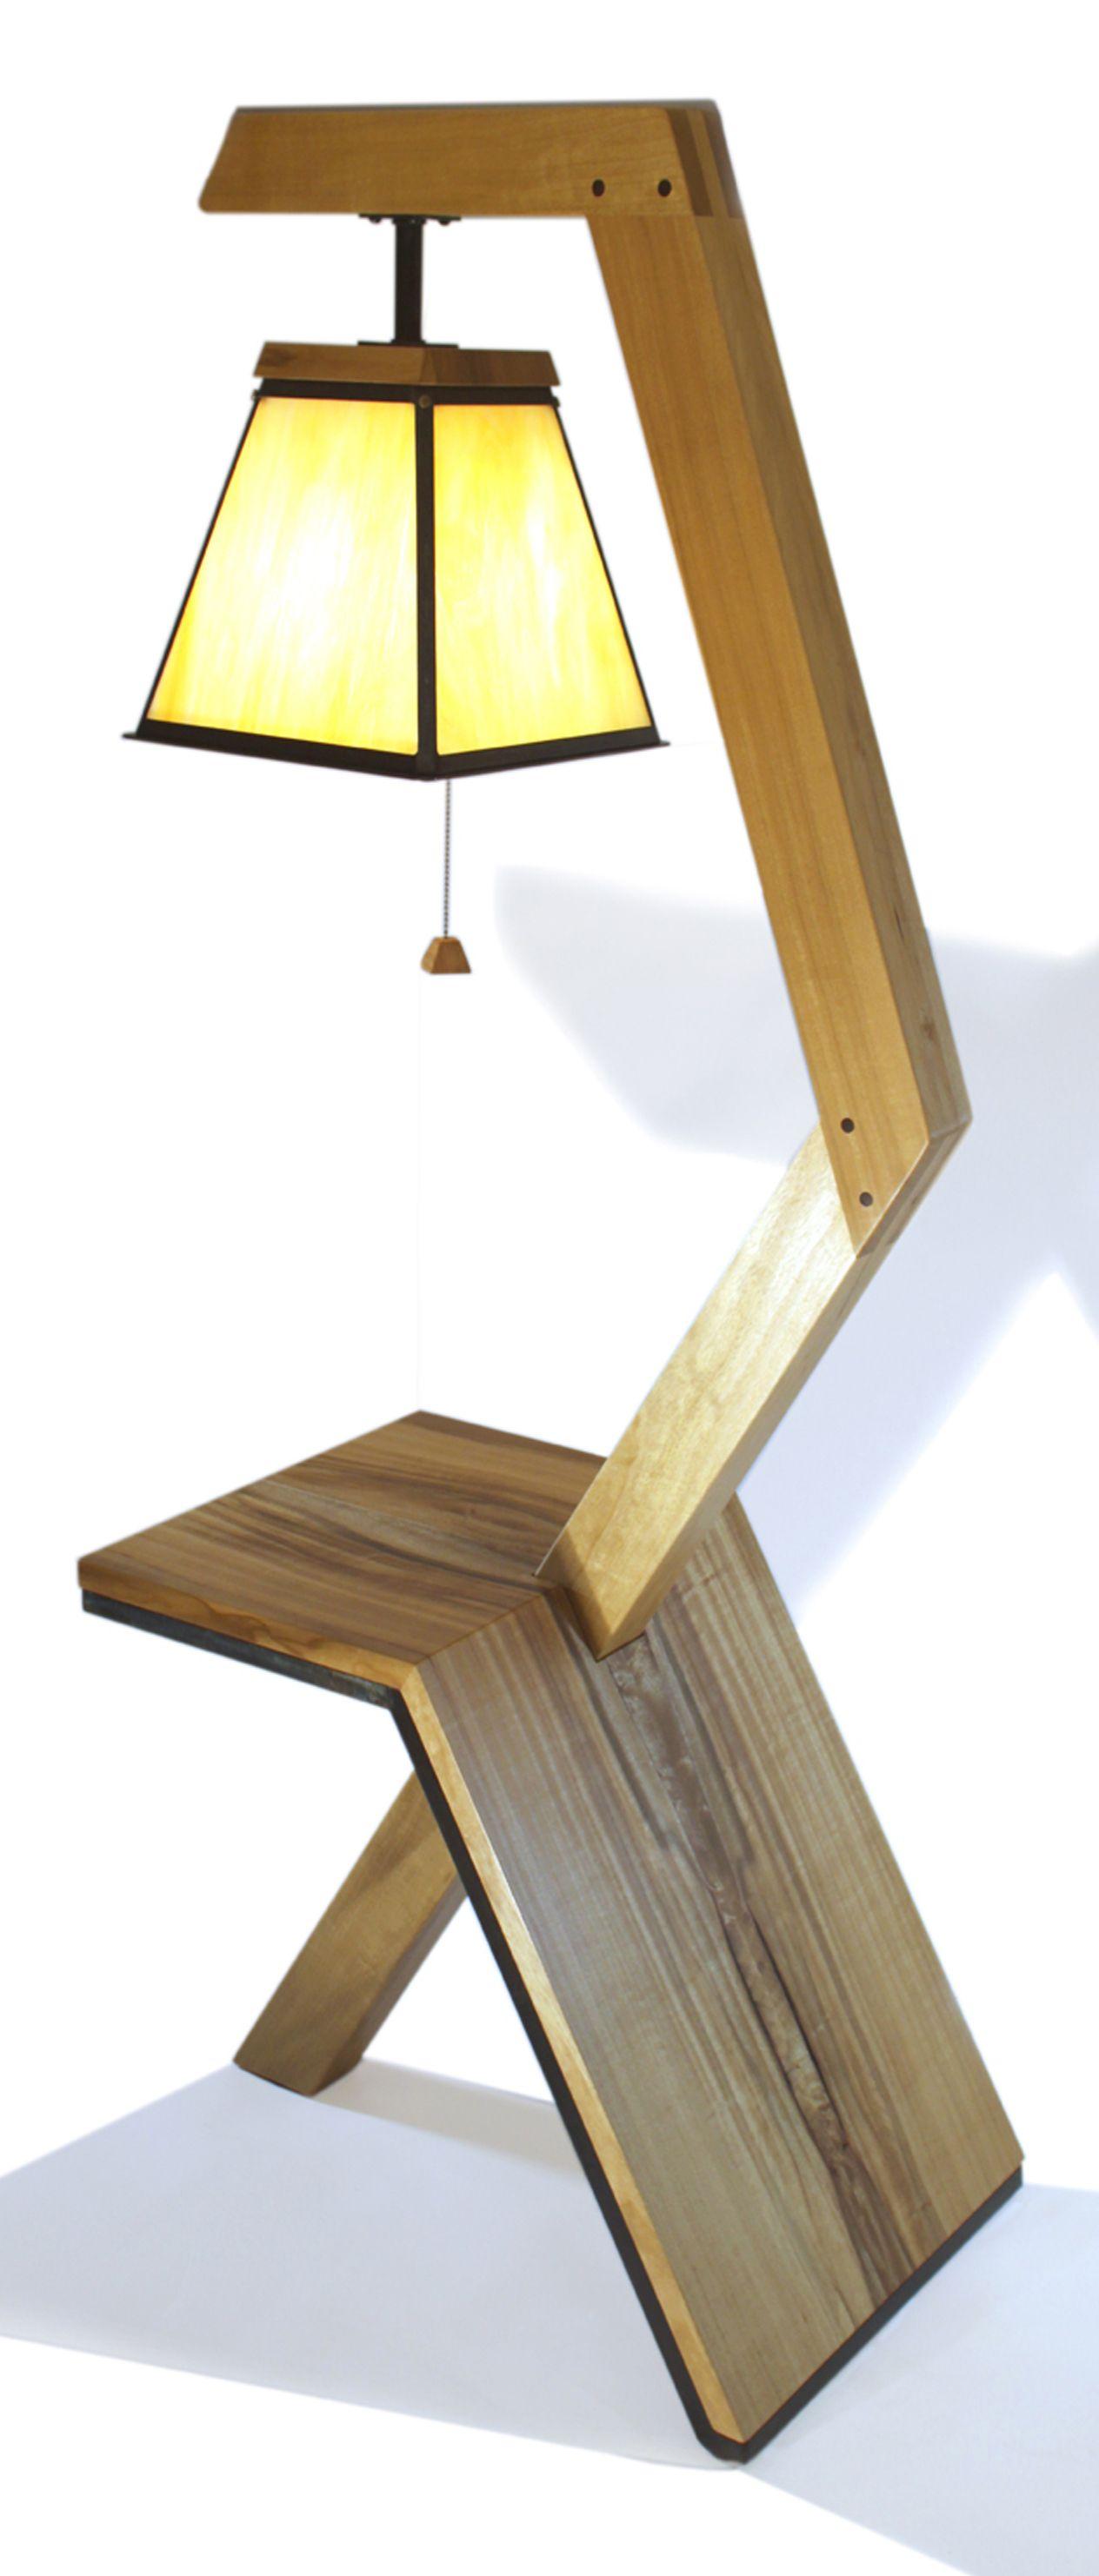 Trinity figured myrtle wood floor lamp end table combo by aaron trinity figured myrtle wood floor lamp end table combo by aaron smith woodworking geotapseo Gallery